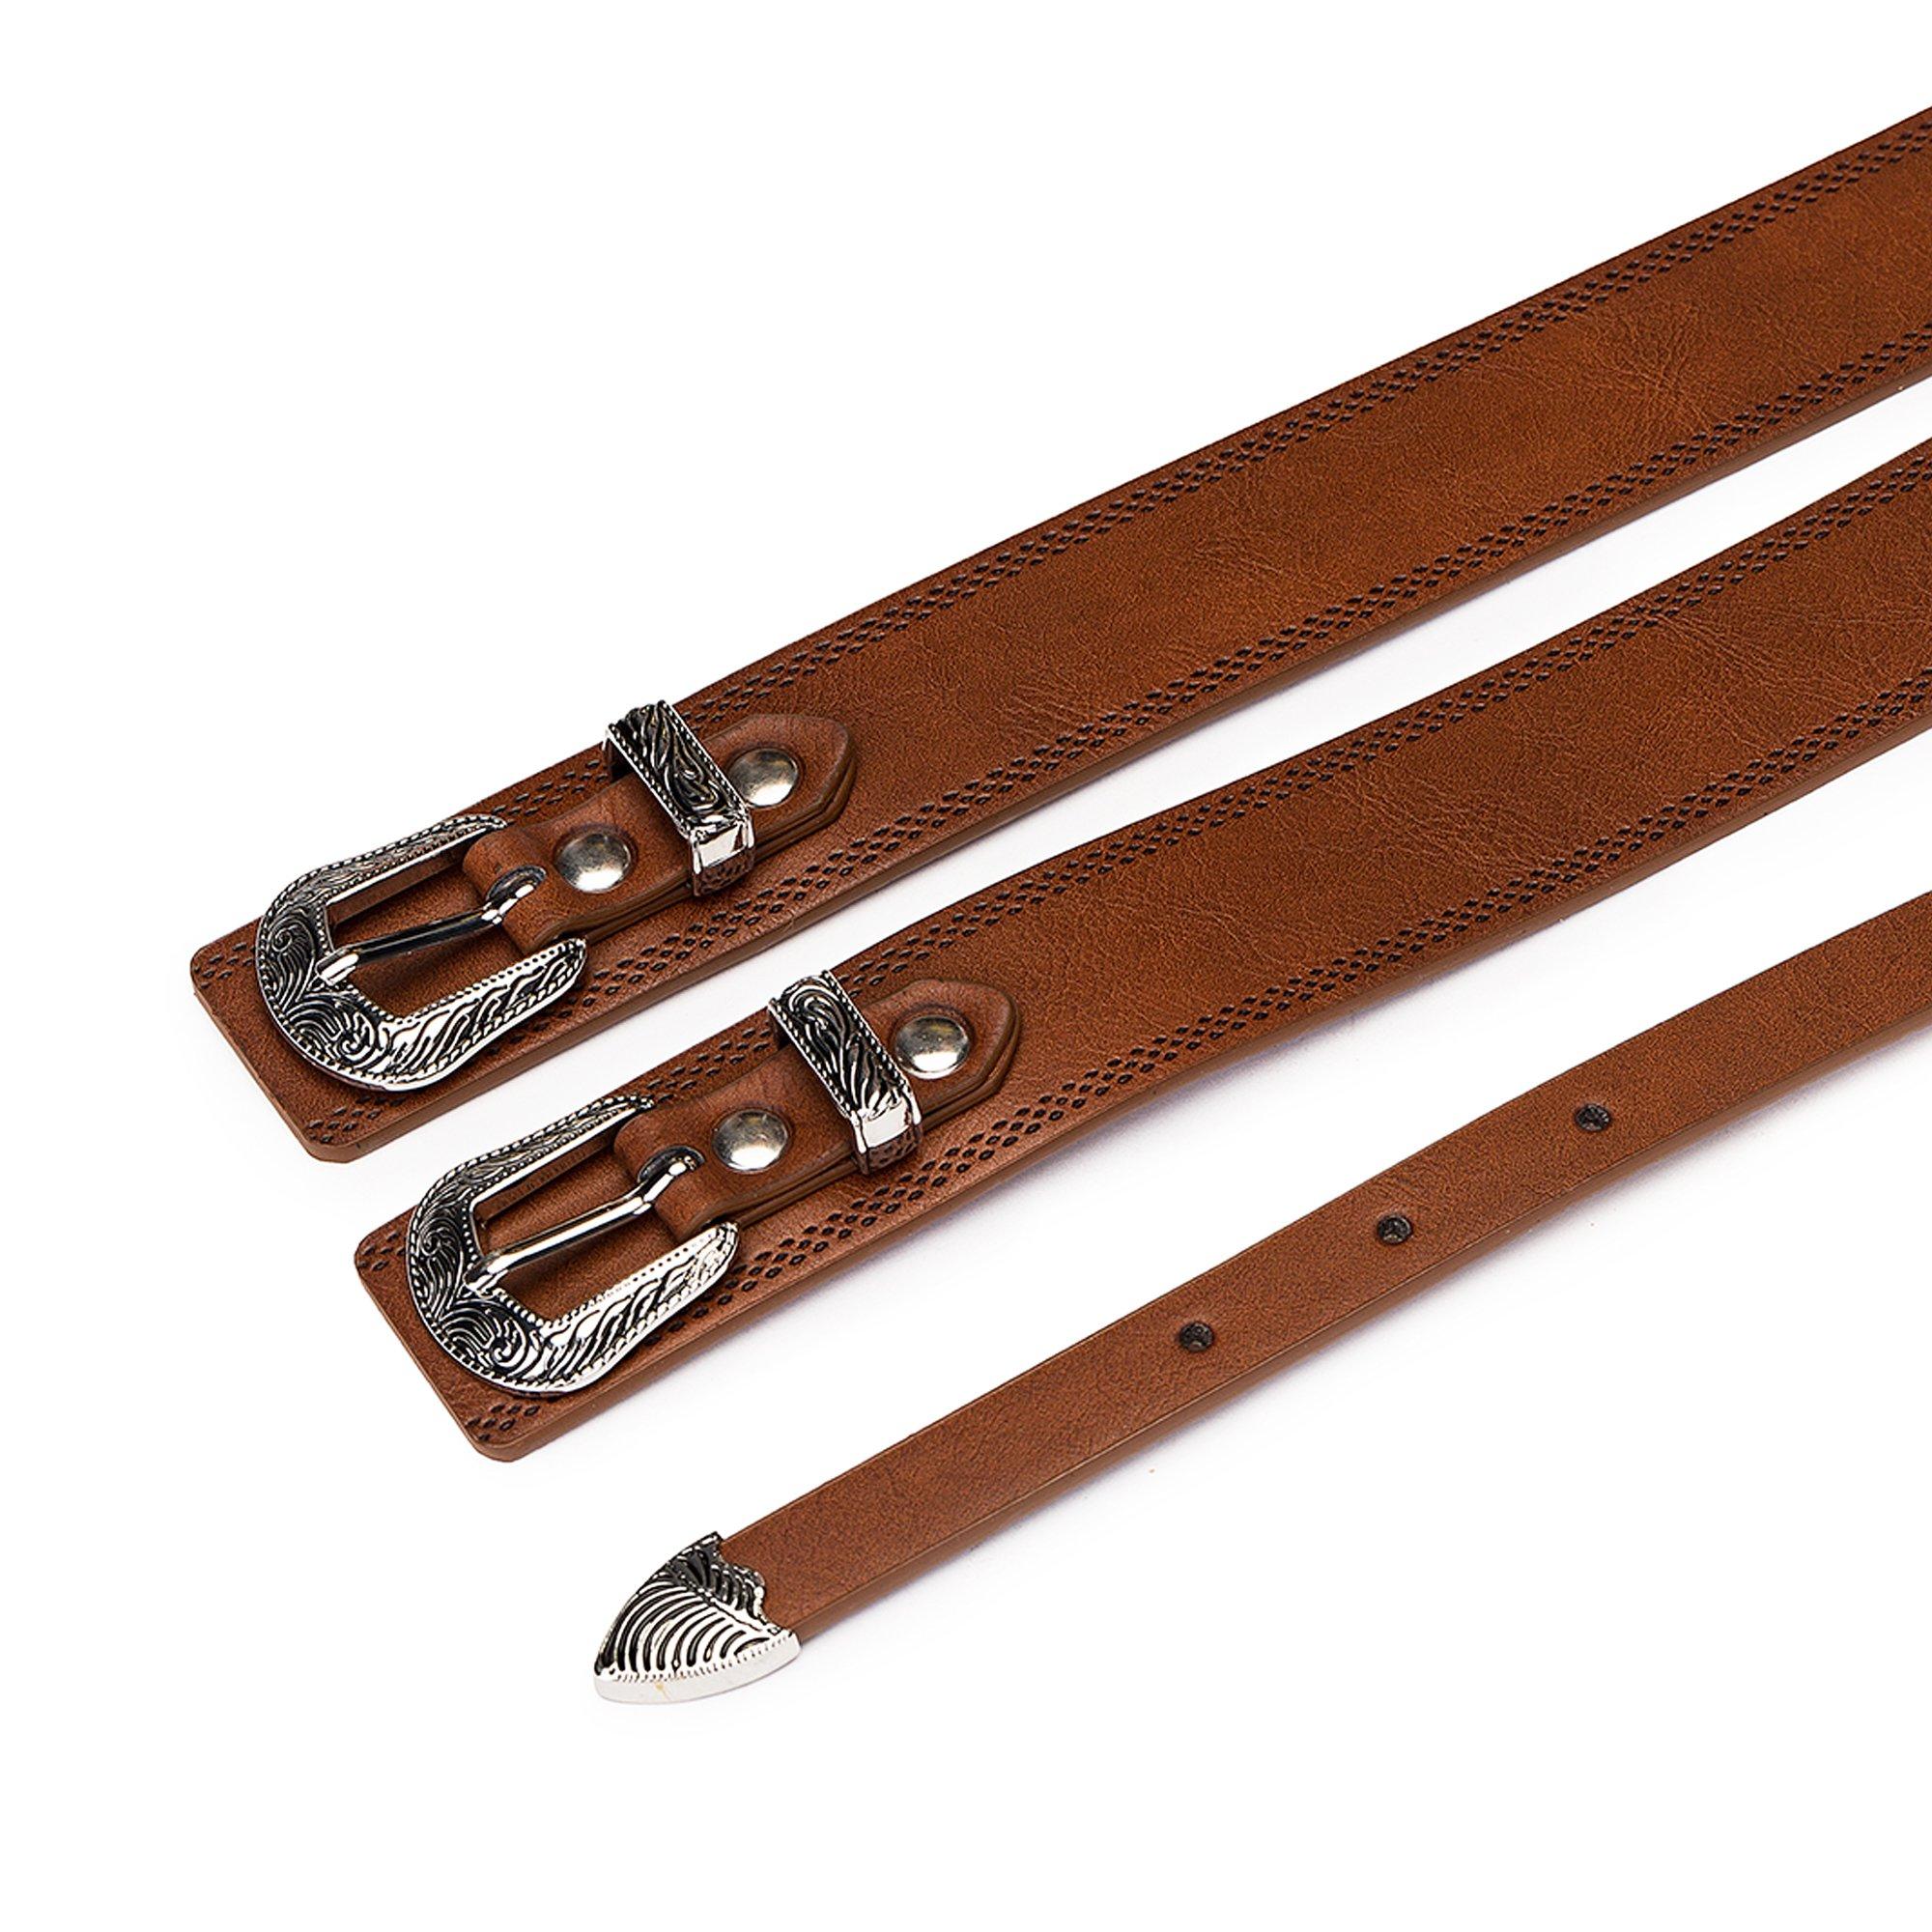 Tanpie Western Leather Belt for Women Boho Waist Belt with Designer Metal Double Buckle Yellow Brown L by Tanpie (Image #3)